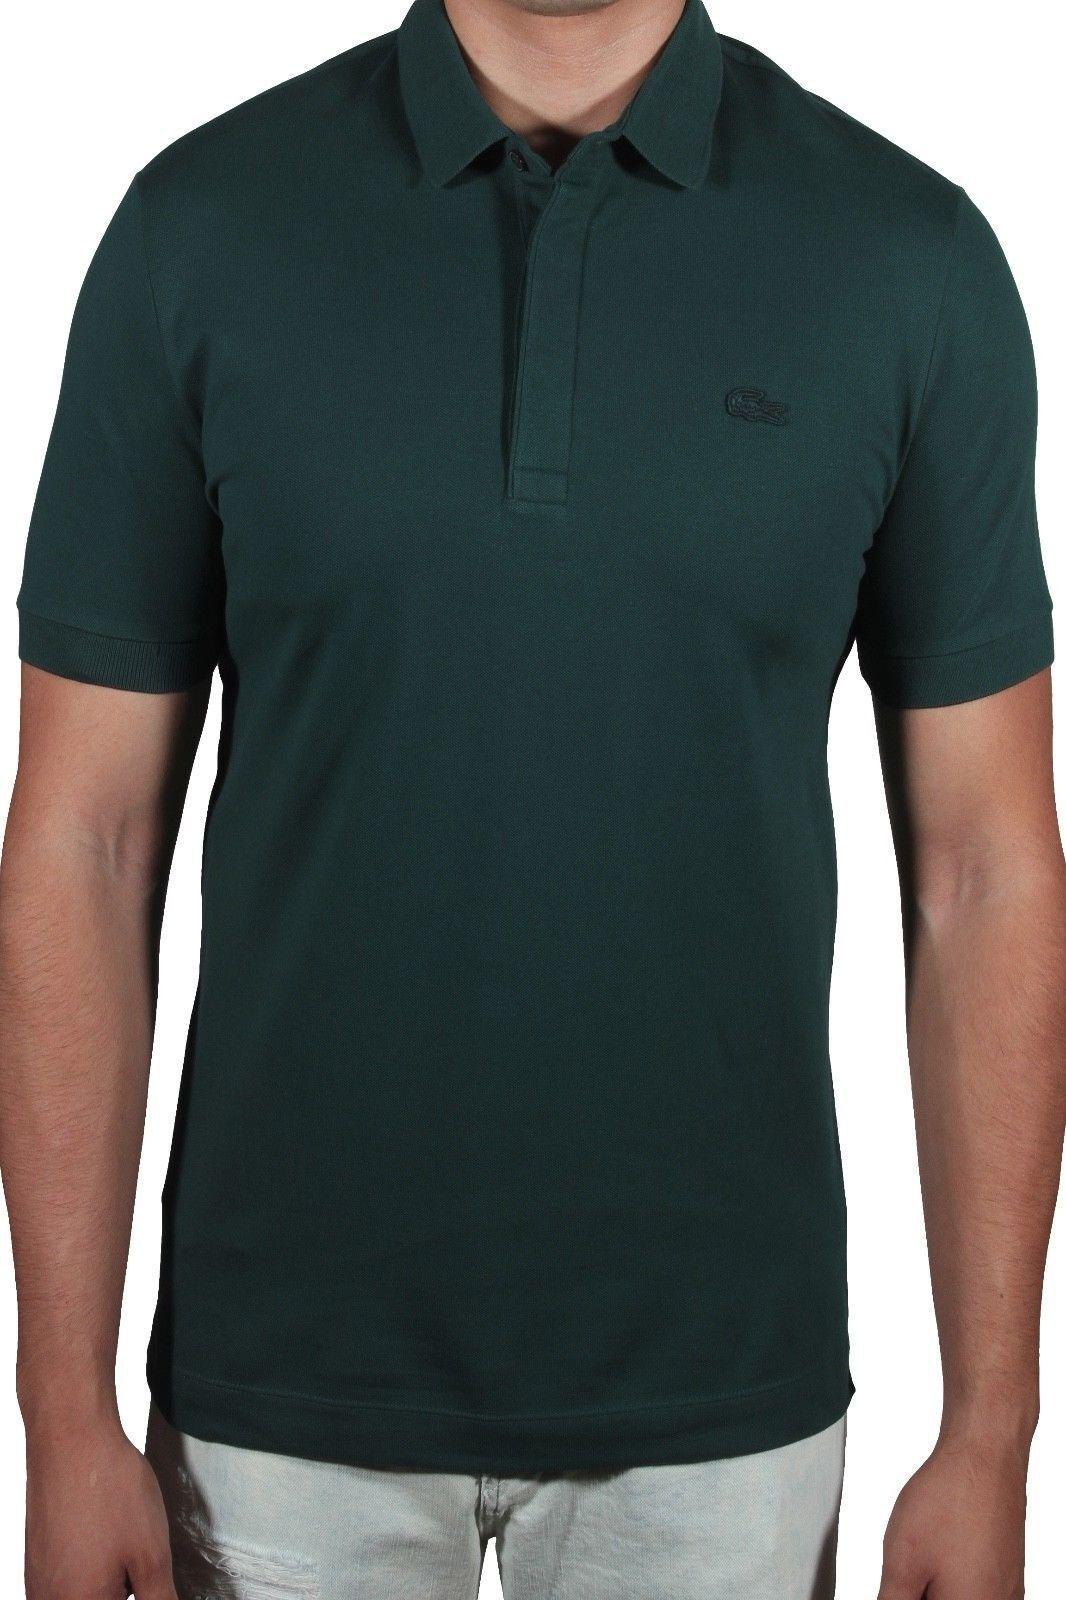 Lacoste Men's Paris Edition Regular Fit Polo Shirt Stretch PH5522-51 E76 Aconit